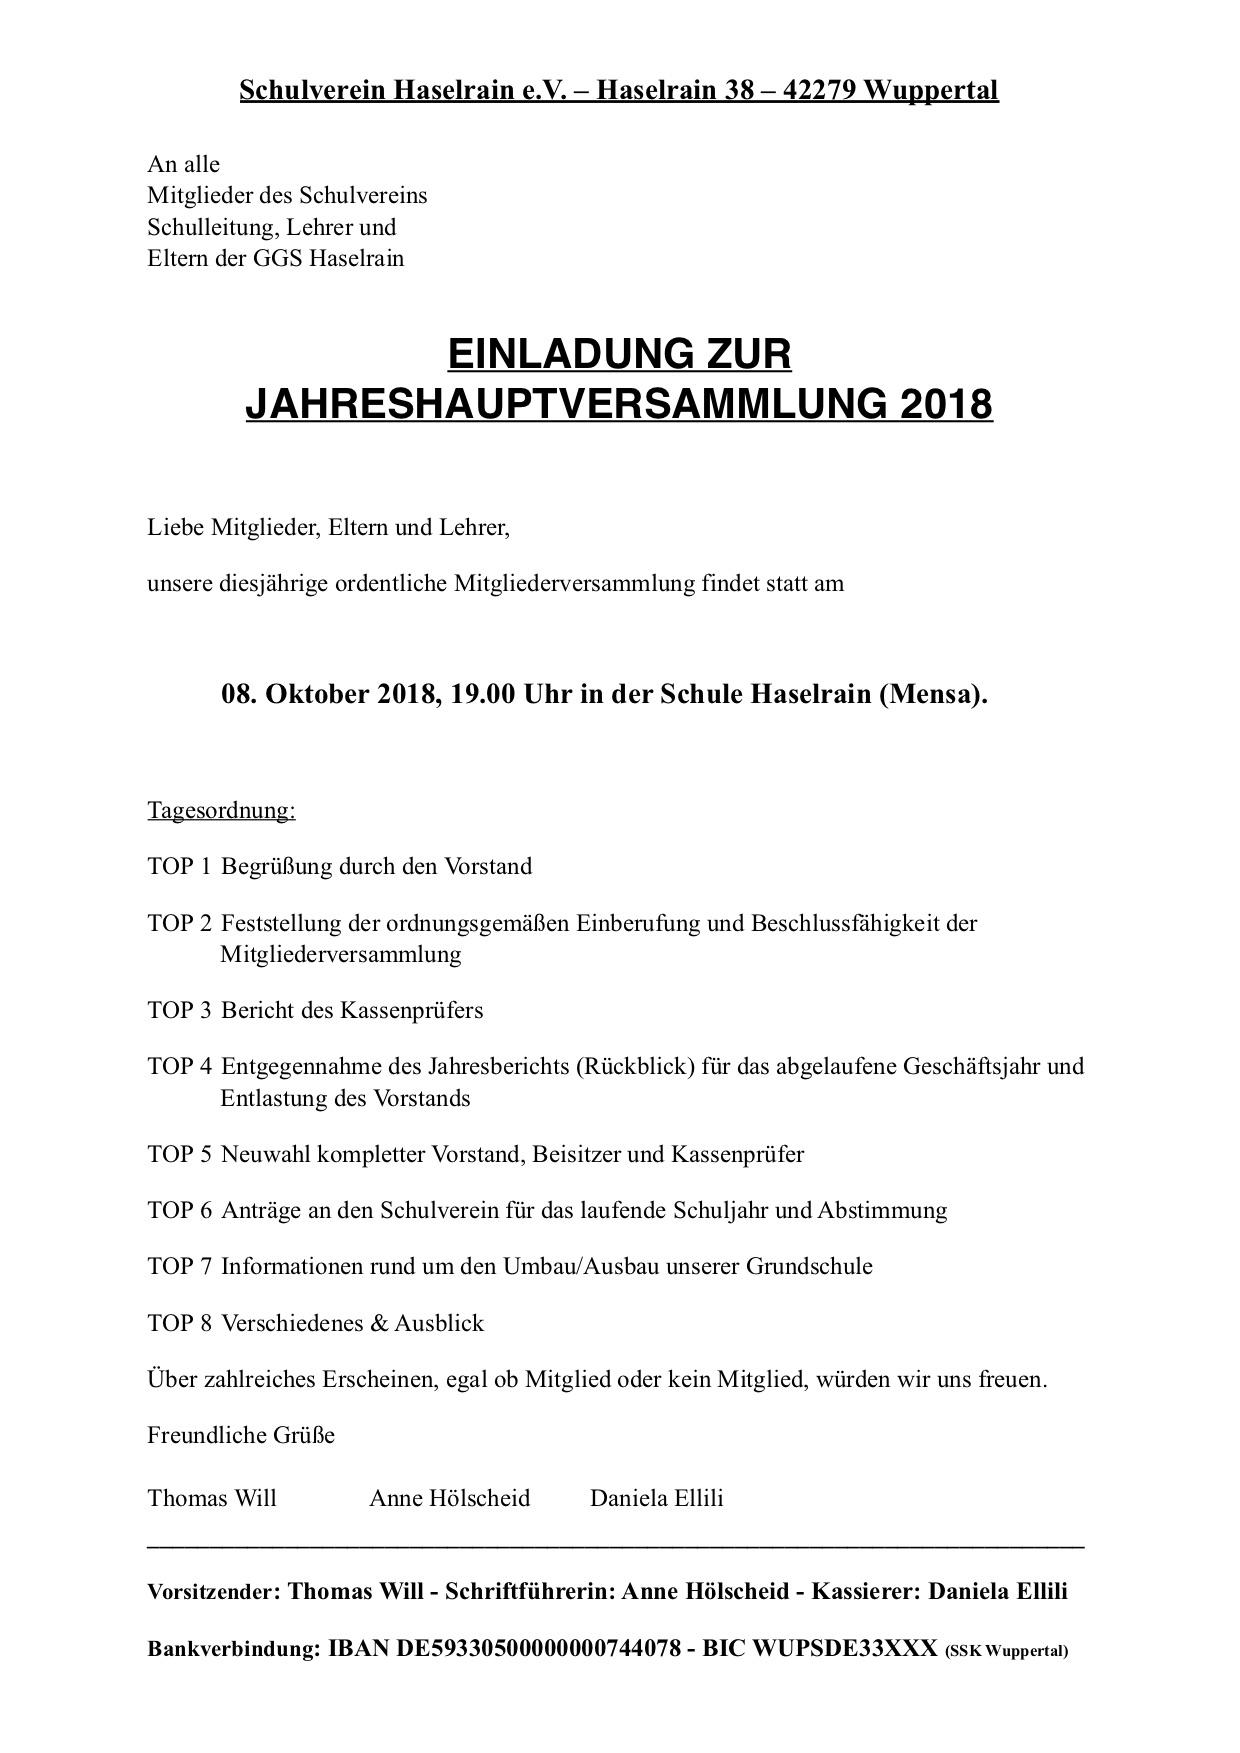 einladung-jhv-2018